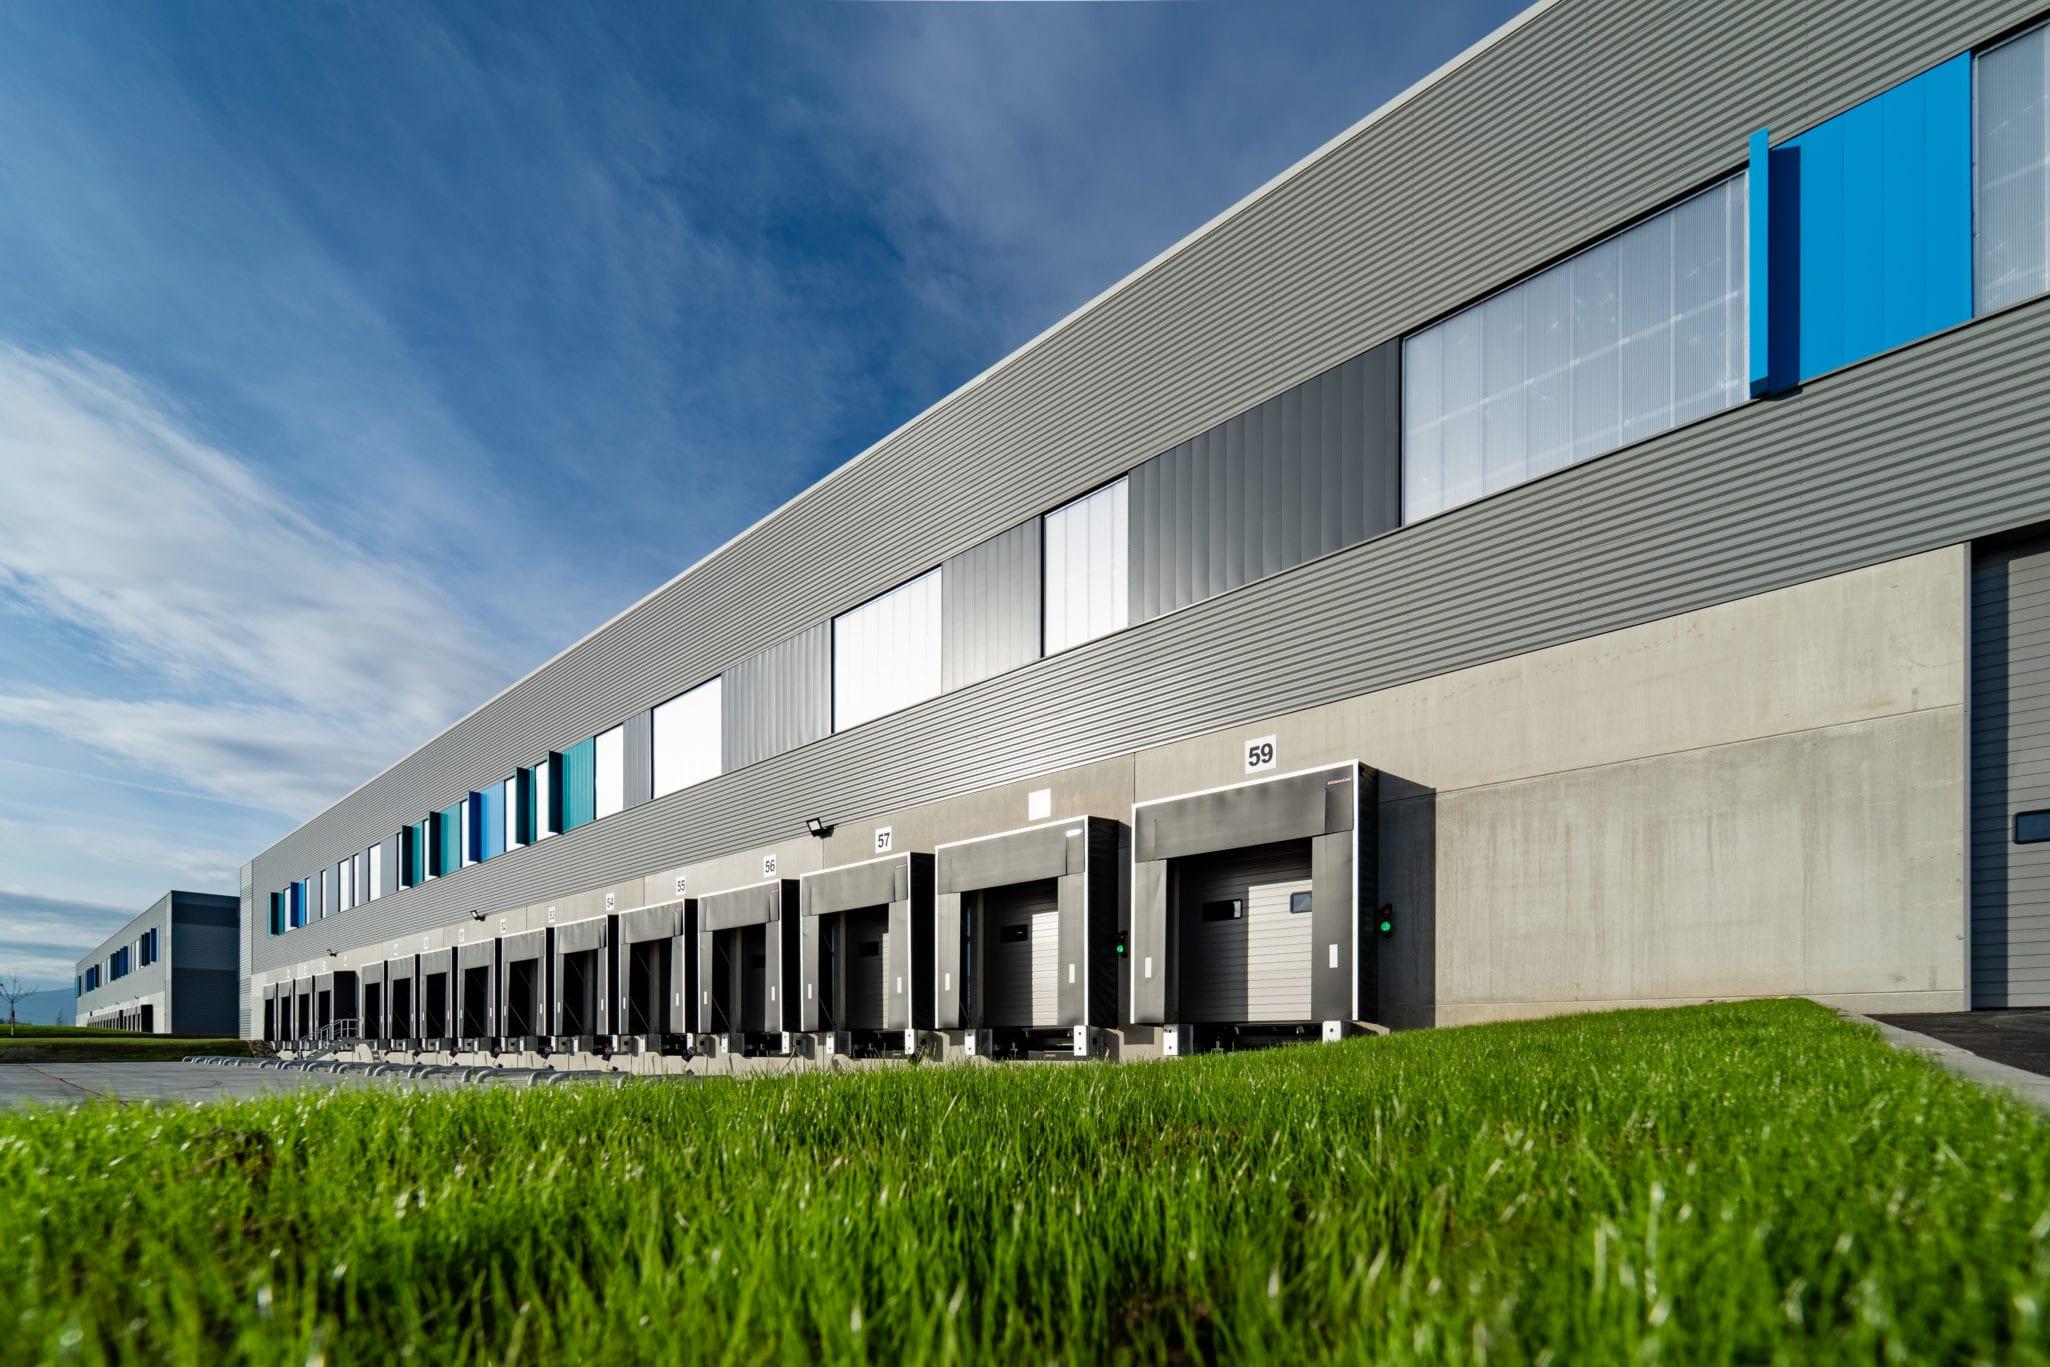 GSE übergibt eine 120.000 m² große Multi-User-Logistikplattform